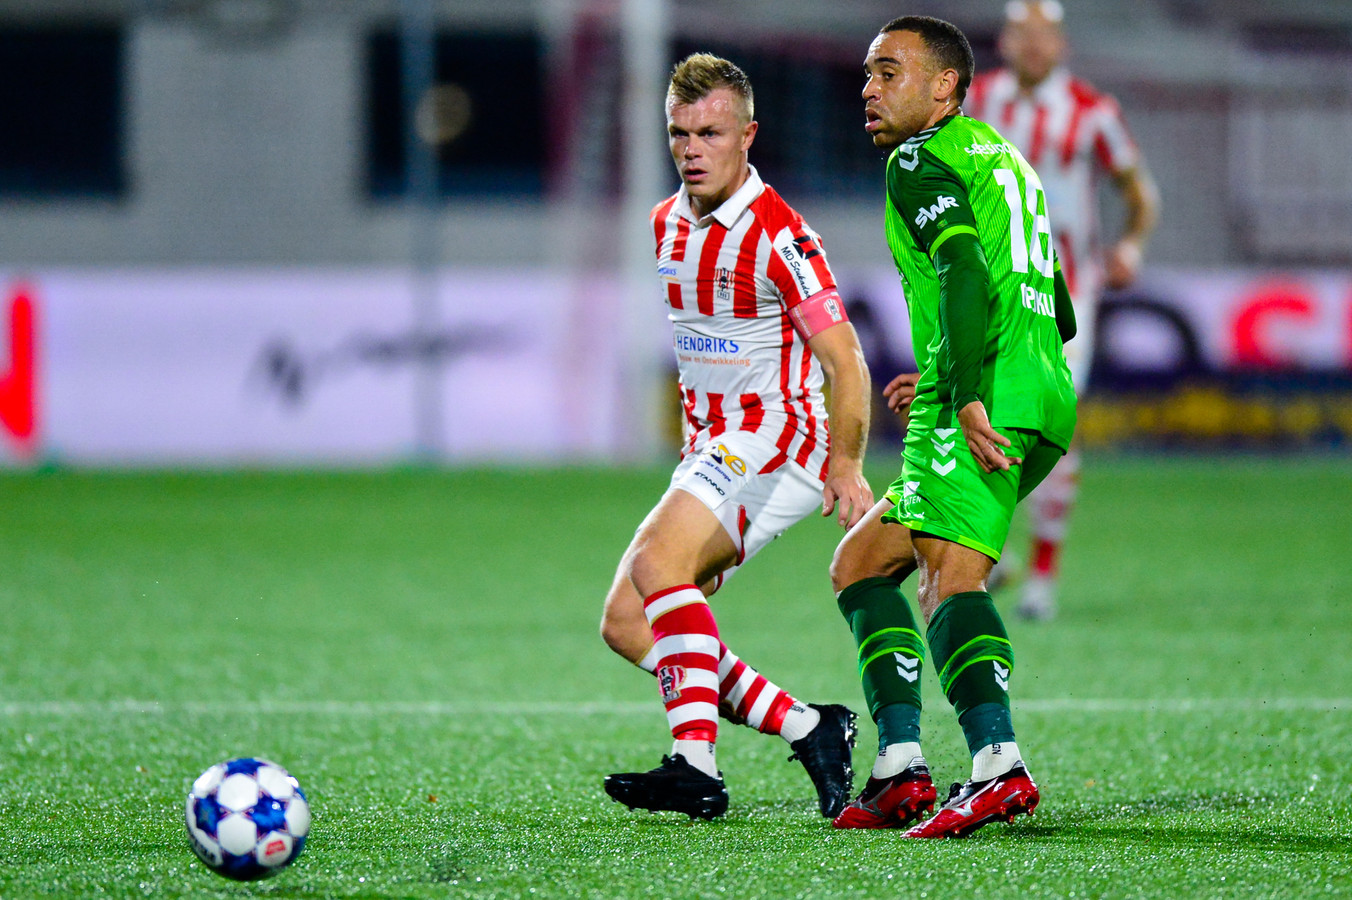 Lion Kaak (links) kon de ploeg waar hij in het verleden zelf voor speelde en waar hij op dit moment jeugdtrainer is niet verrassen. TOP Oss verloor van De Graafschap.